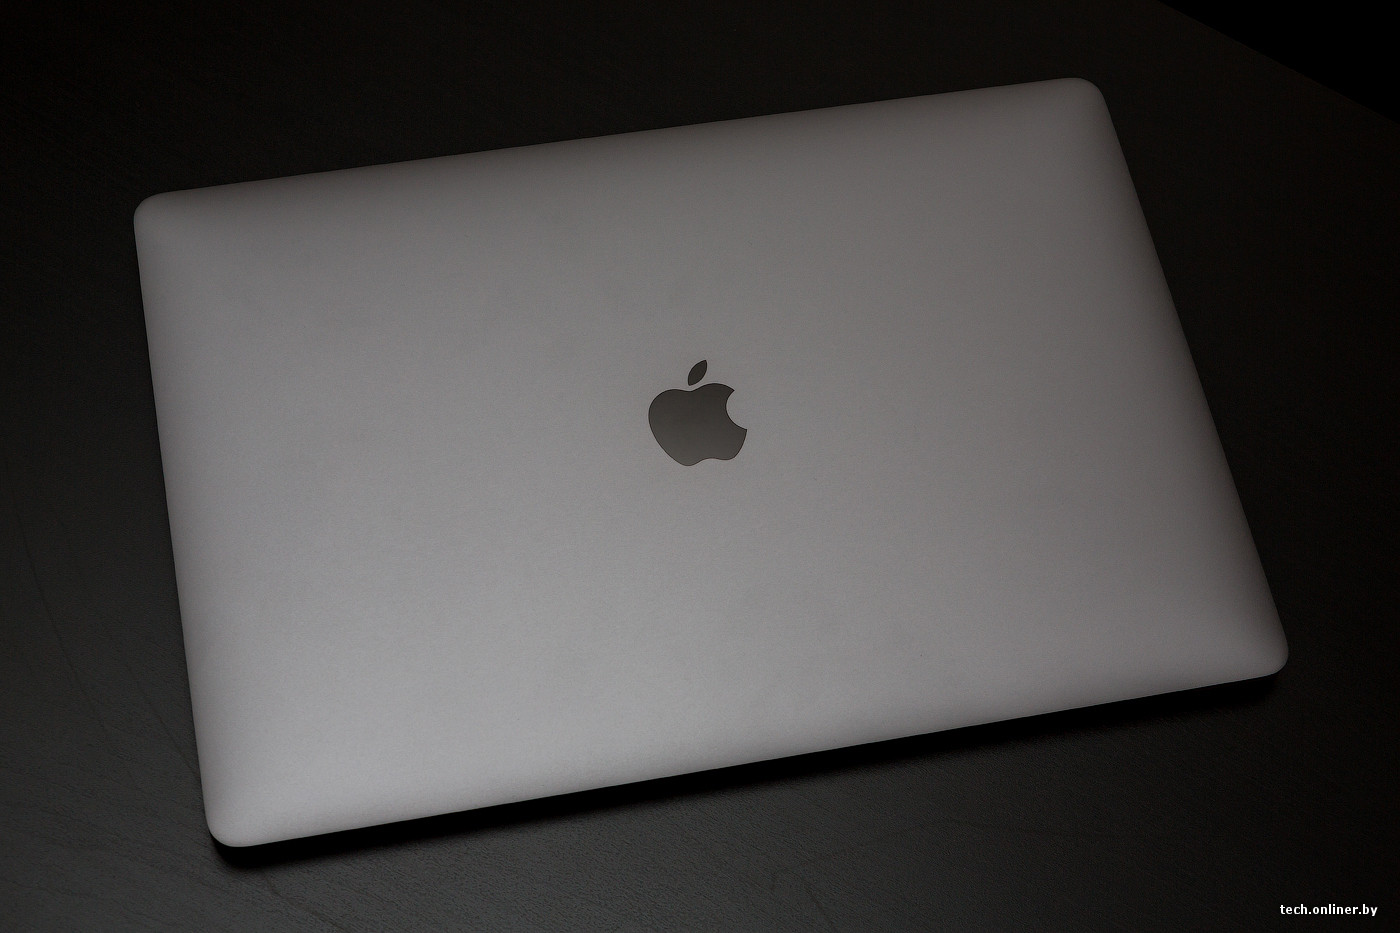 Возможно, мы чересчур много внимания уделили дизайну новинки, но это все  оттого, что он действительно очень привлекательный. Внешний вид MacBook  притягивает ... b1a18c291ca